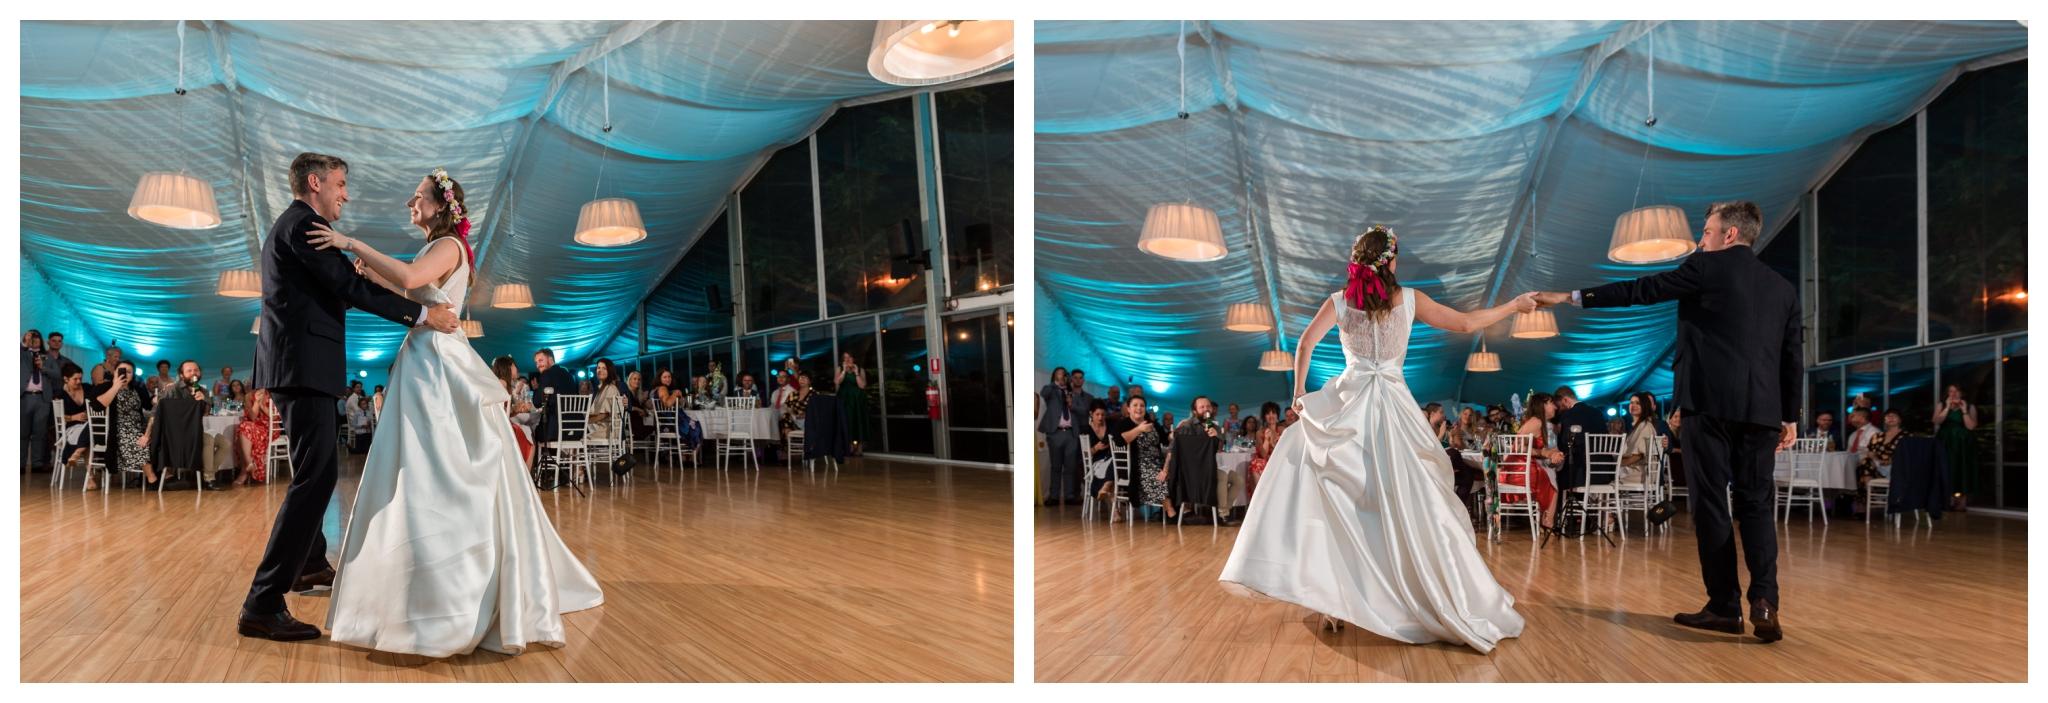 bridal-dance-perth-wedding-reception